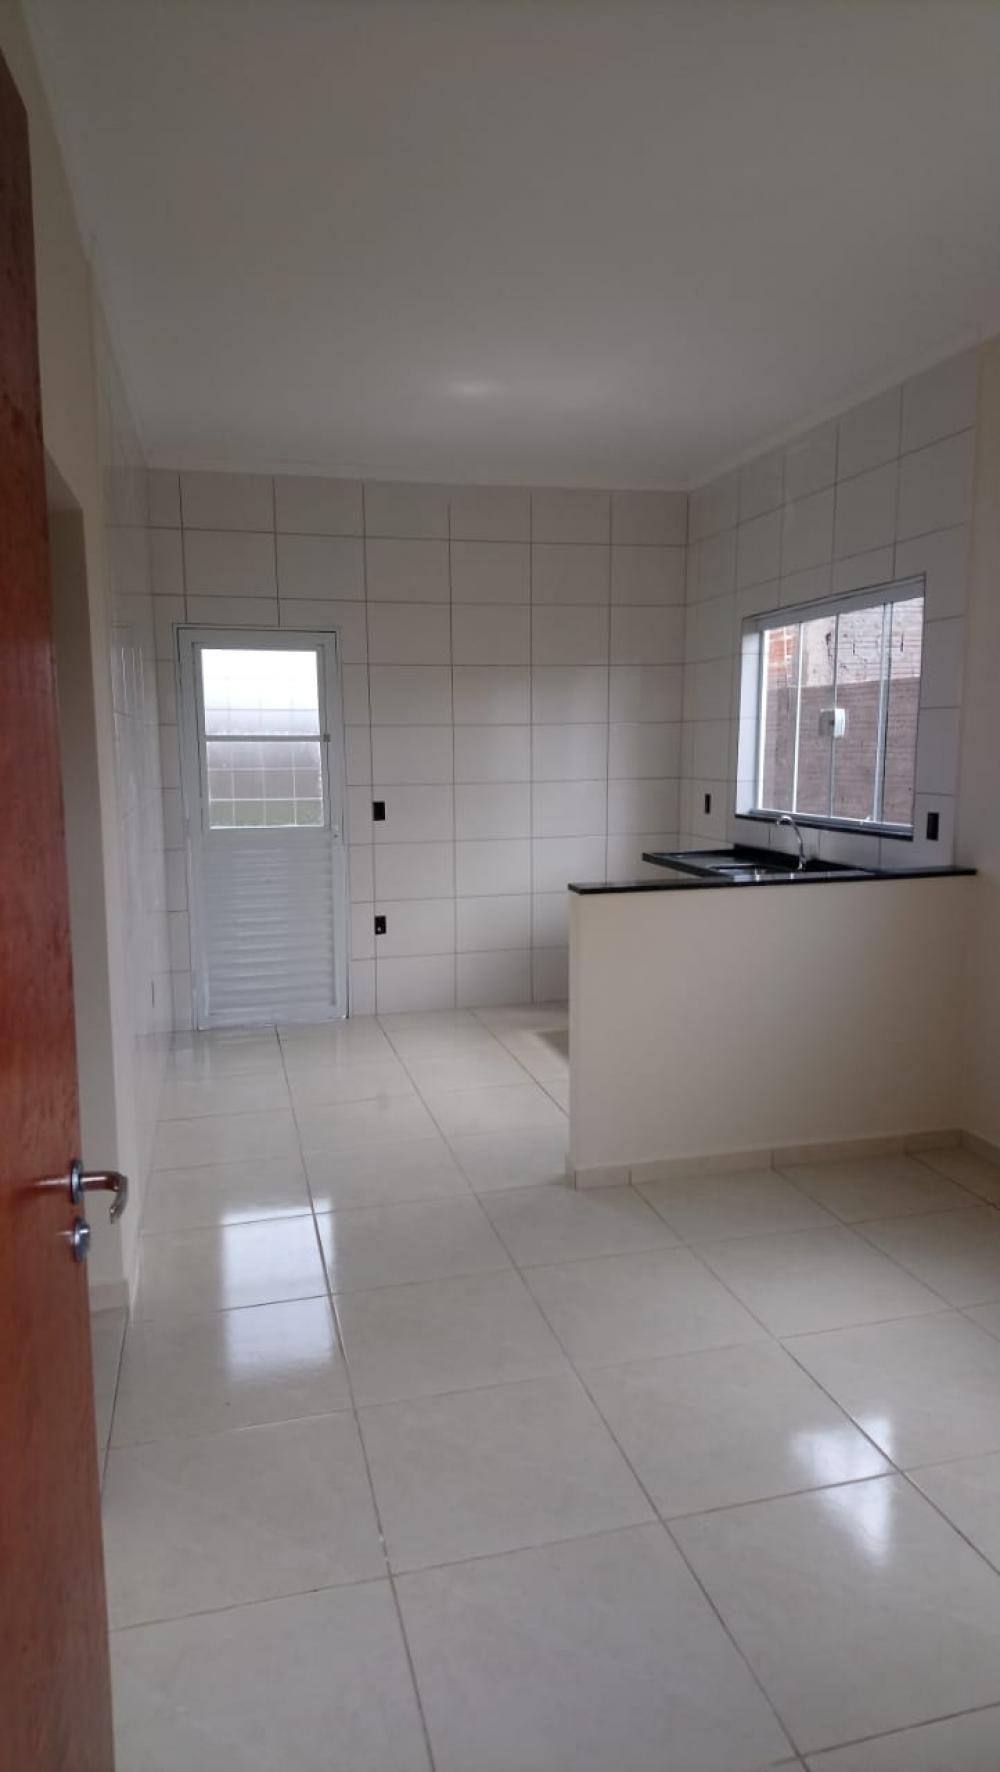 Alugar Casa / Padrão em São José do Rio Preto R$ 600,00 - Foto 7